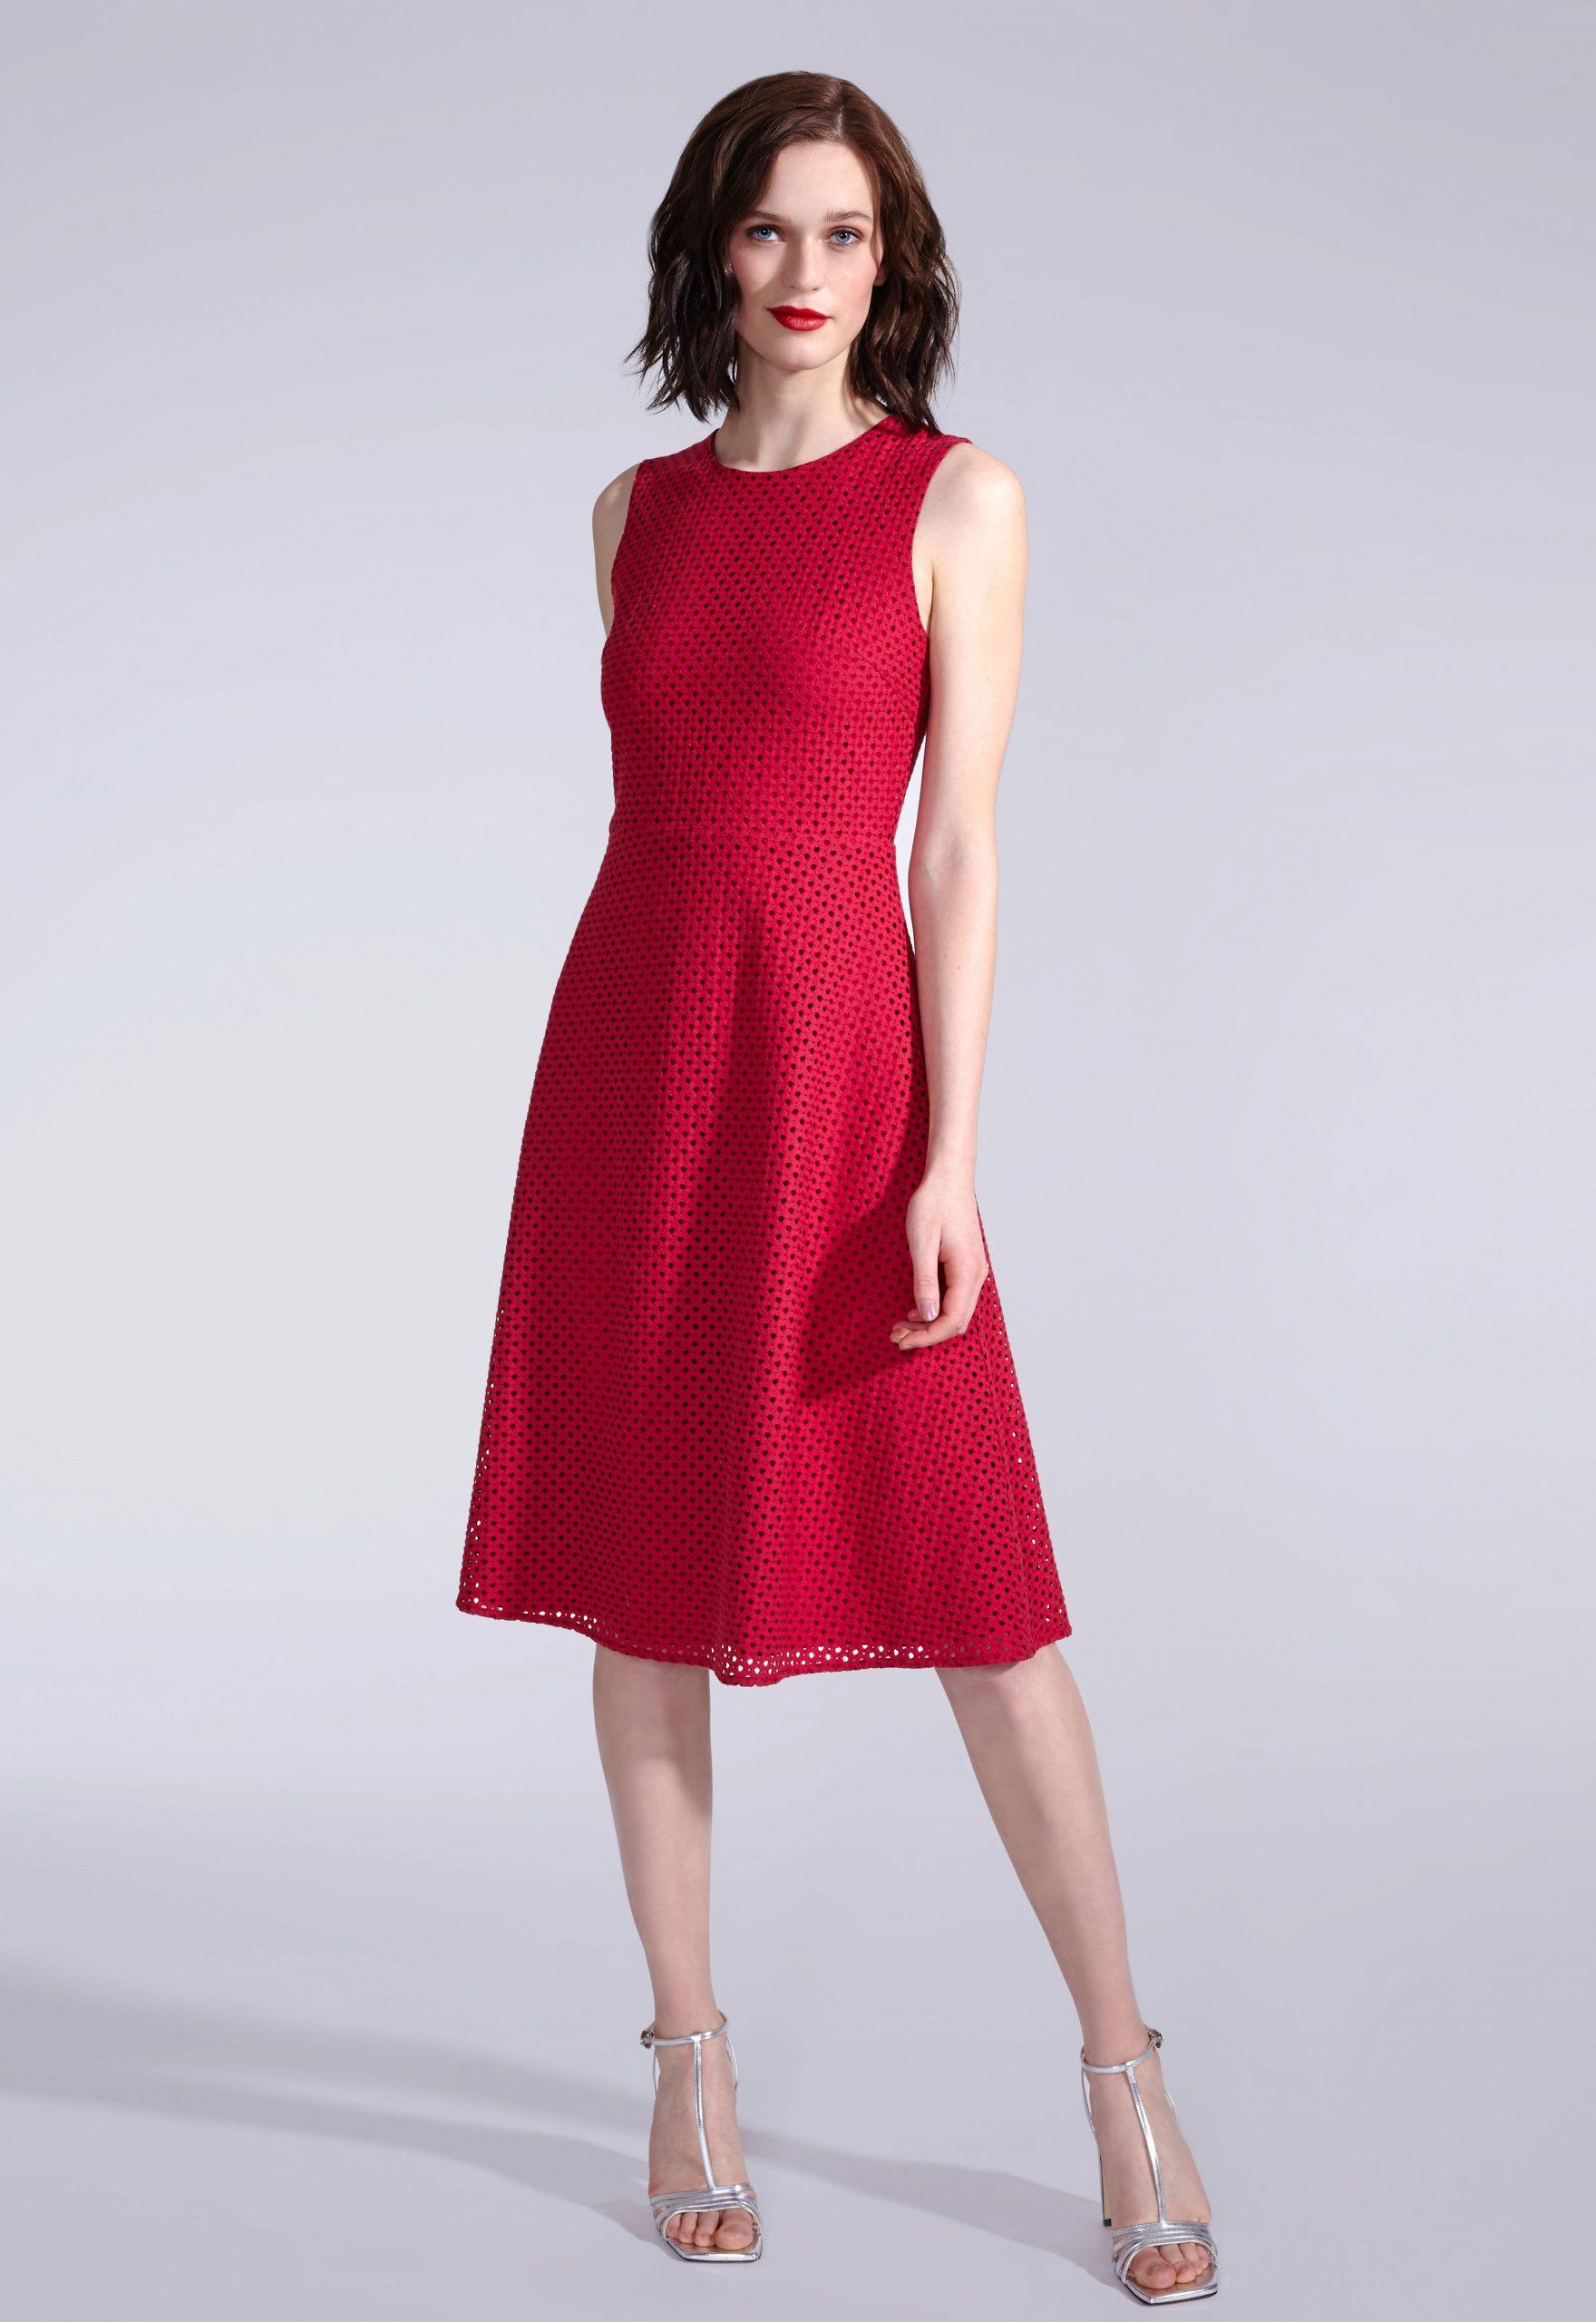 Rotes Kleid Kombinieren Hochzeit  Hochzeits Idee